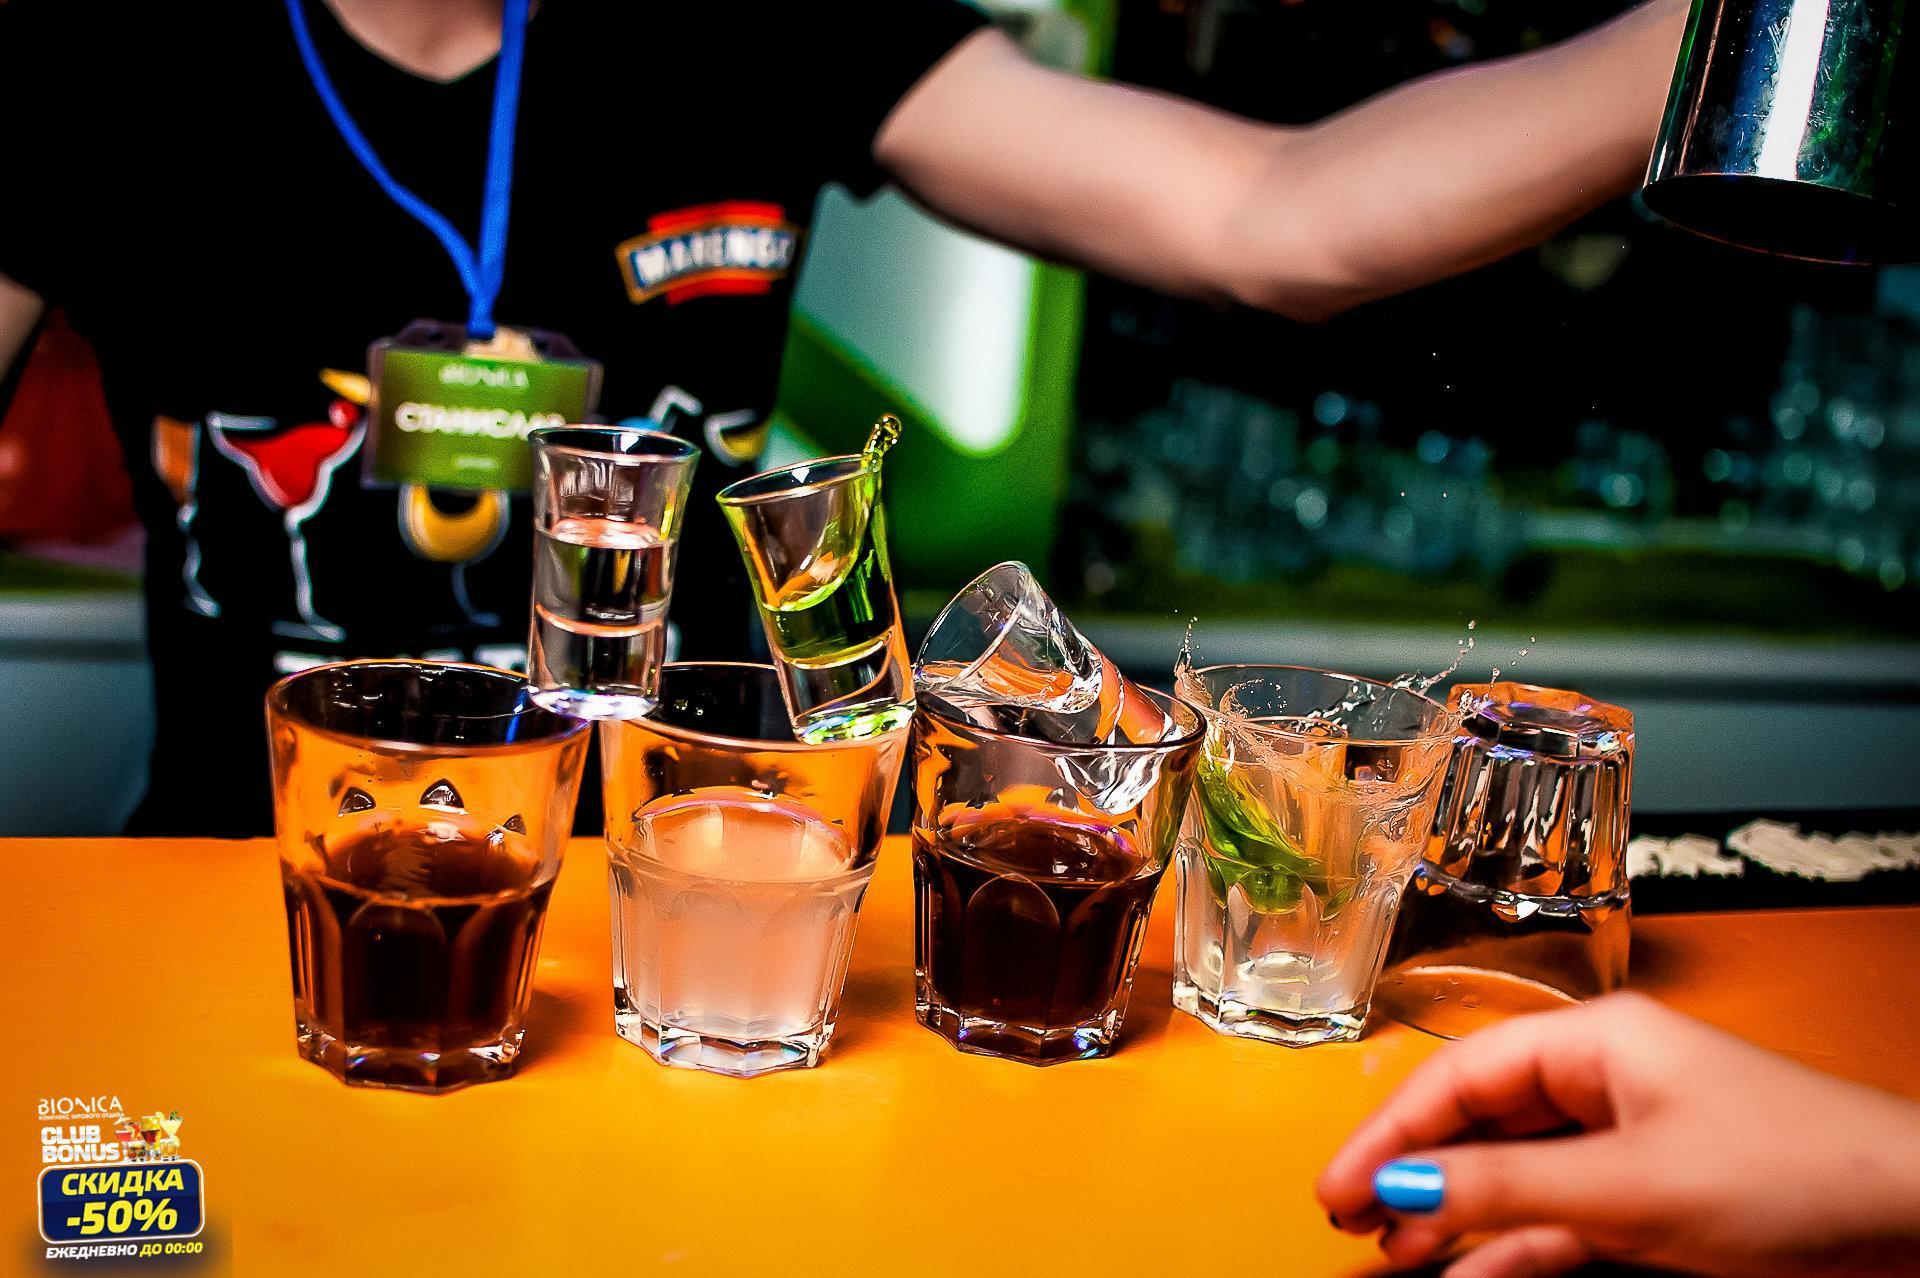 фотография Клуба Bionica на Гарматной улице